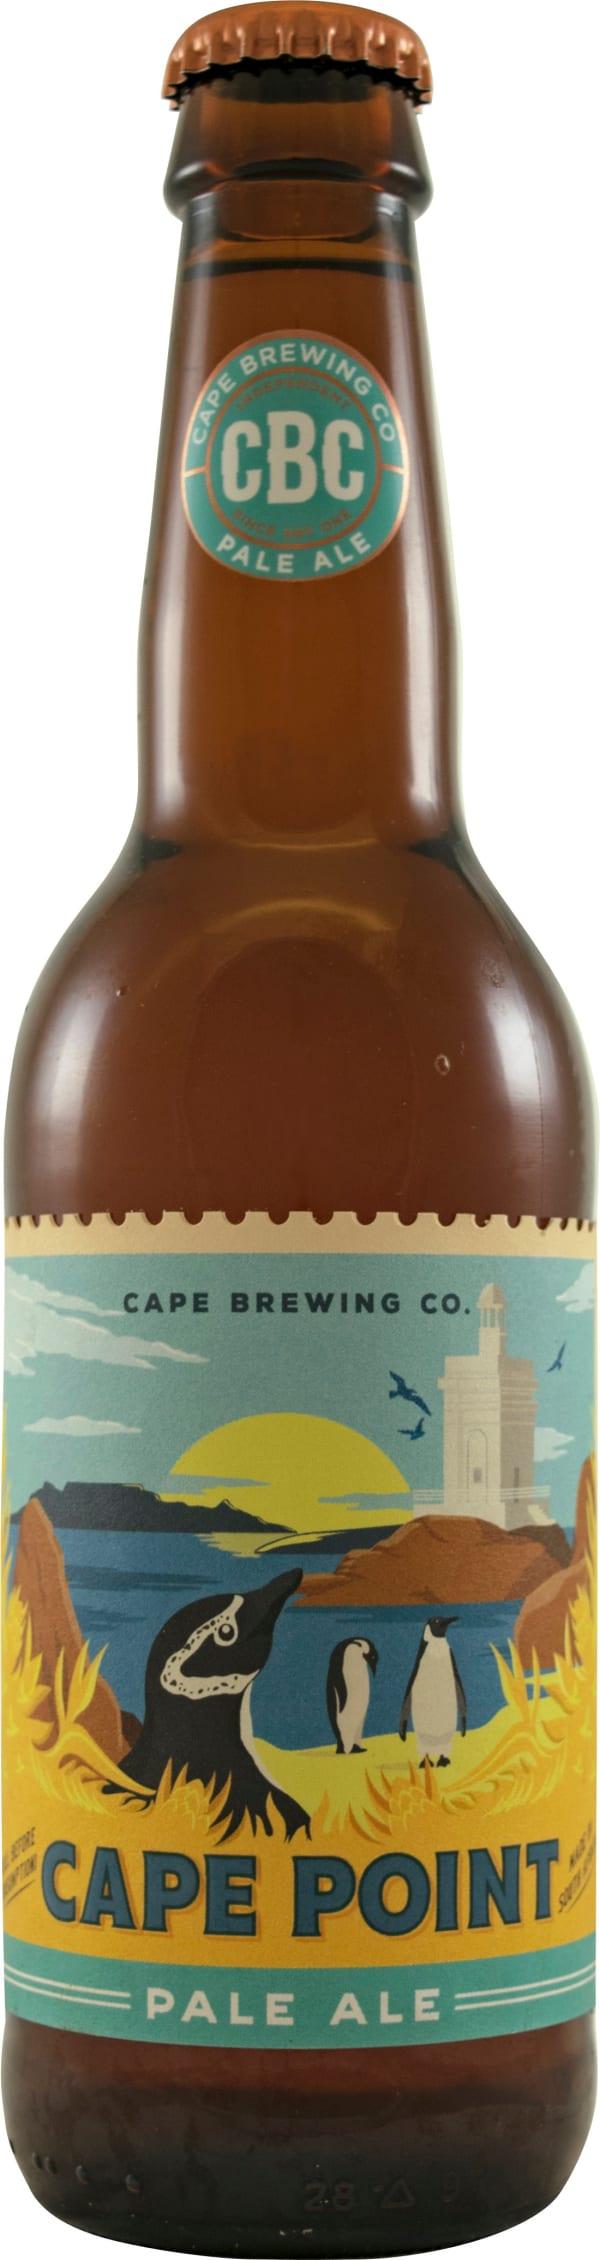 Cape Brewing Cape Point Pale Ale